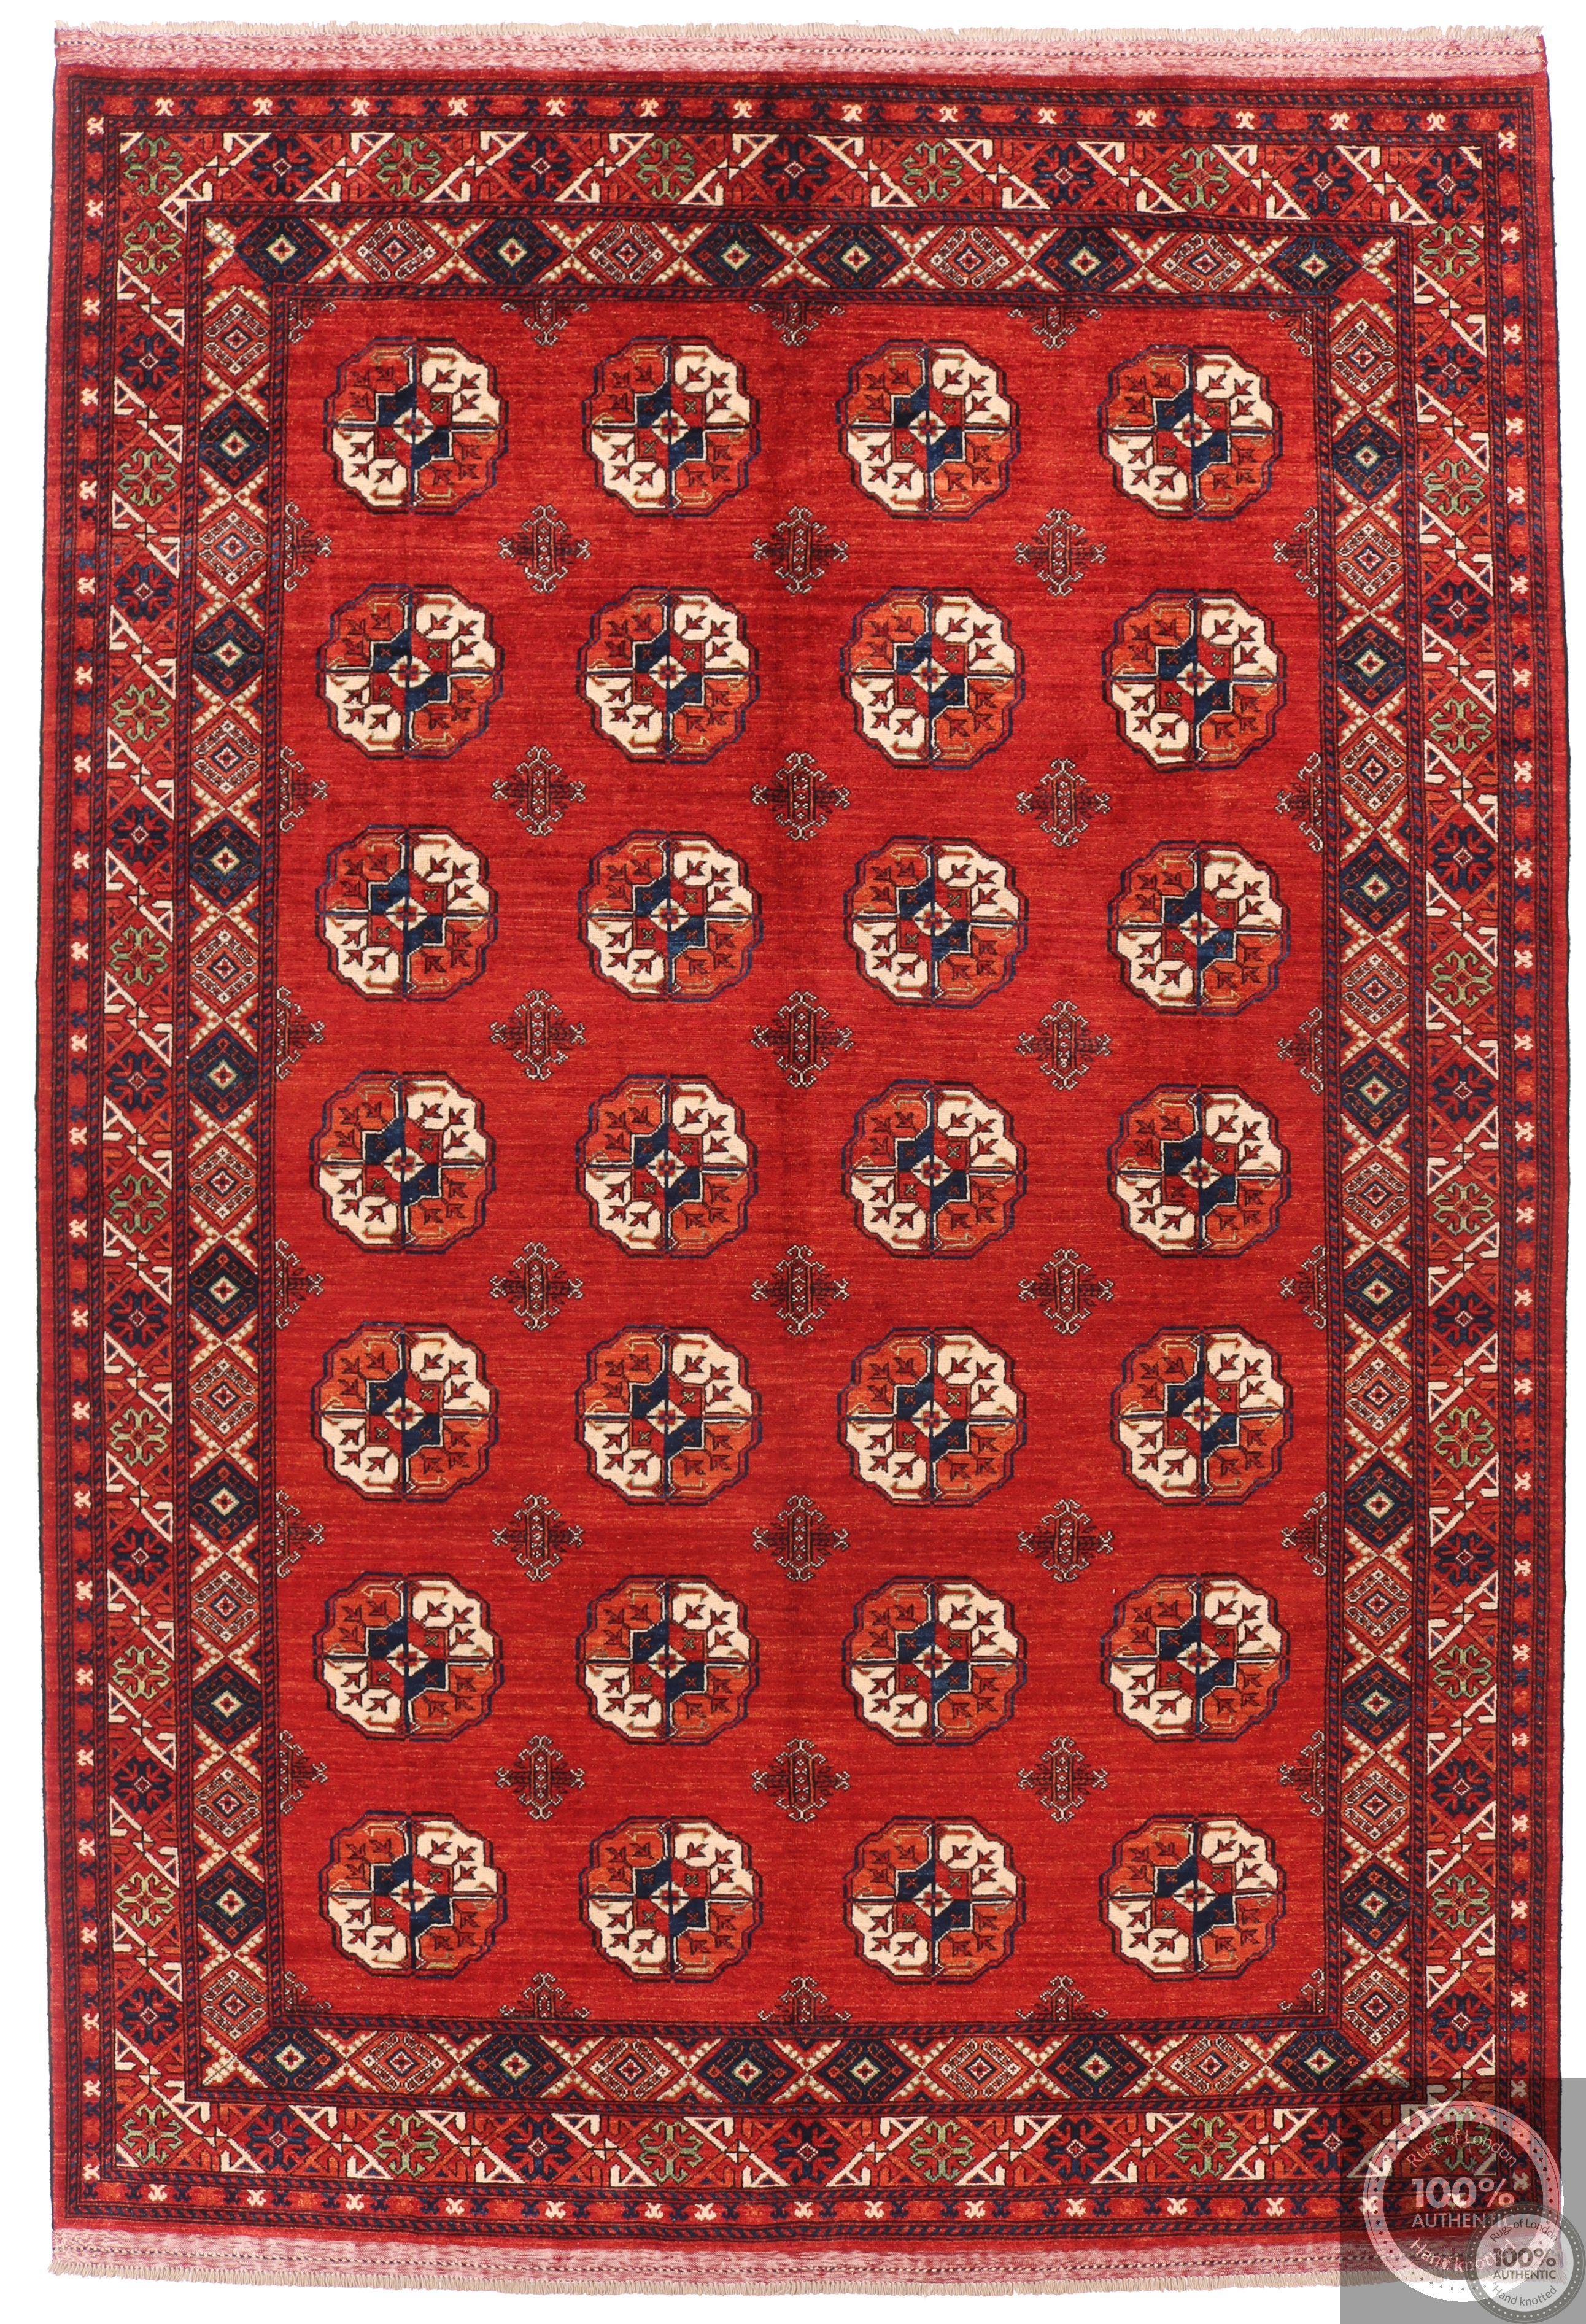 Ersari design Afghan Rug - Bright Red